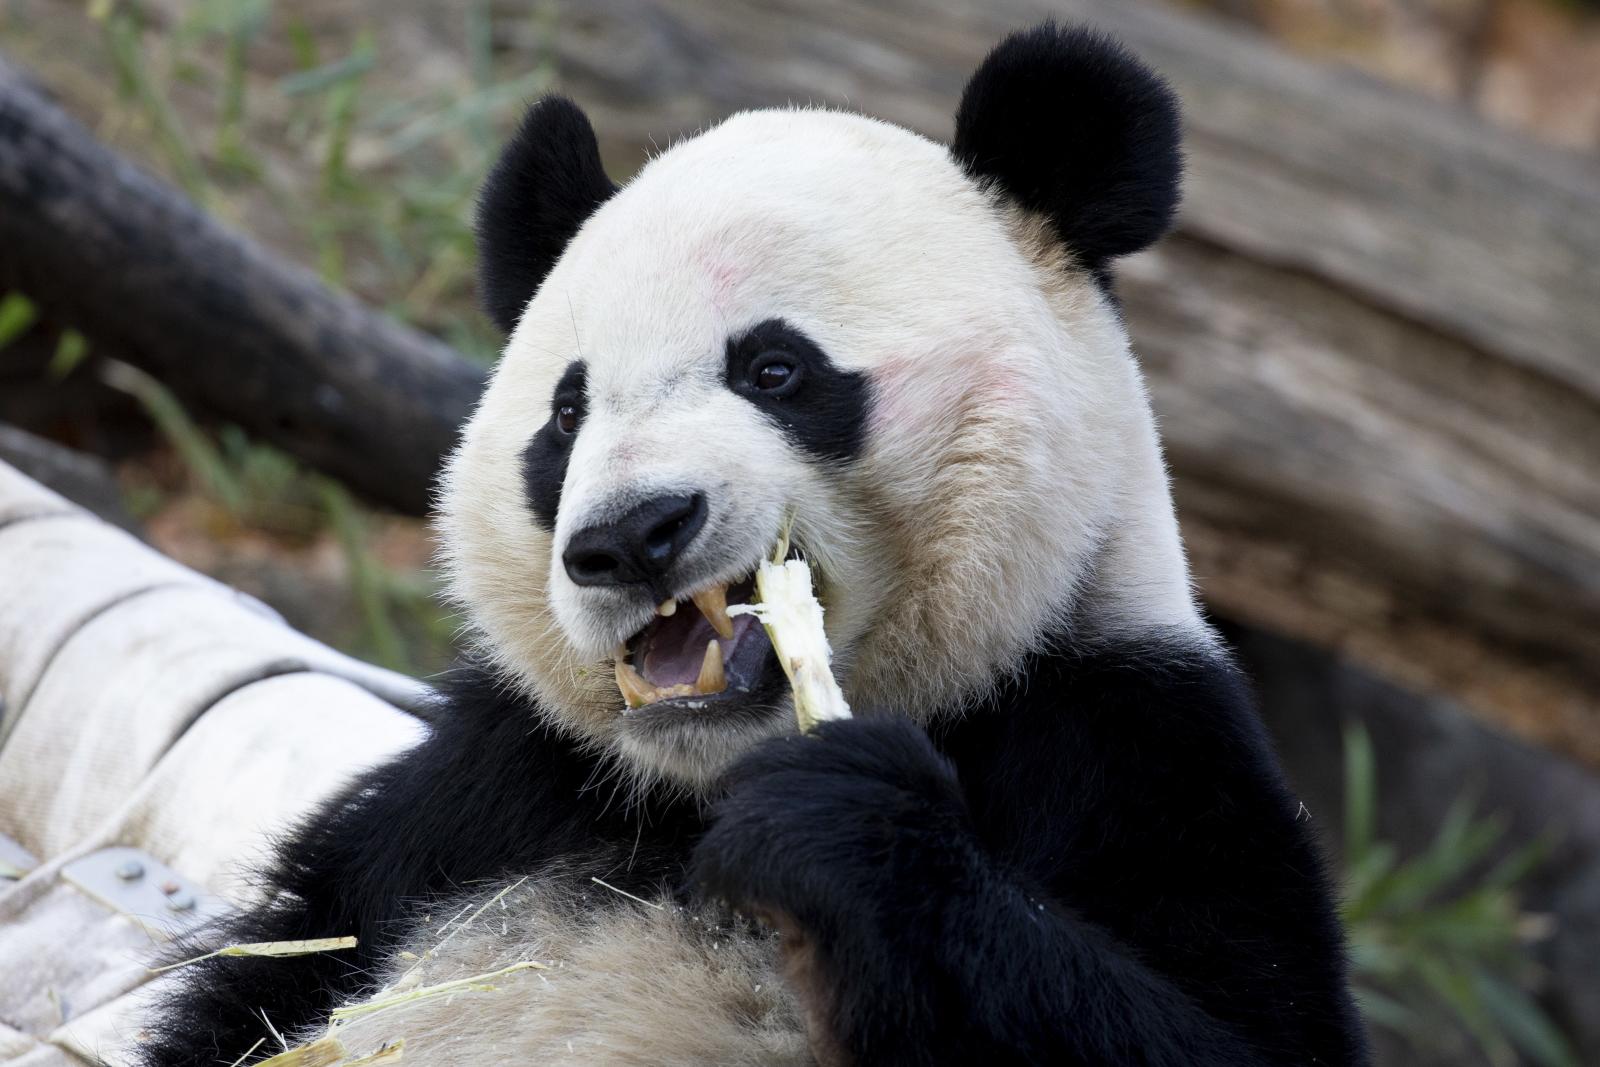 Panda jedząca przekąską fot. EPA/MICHAEL REYNOLDS